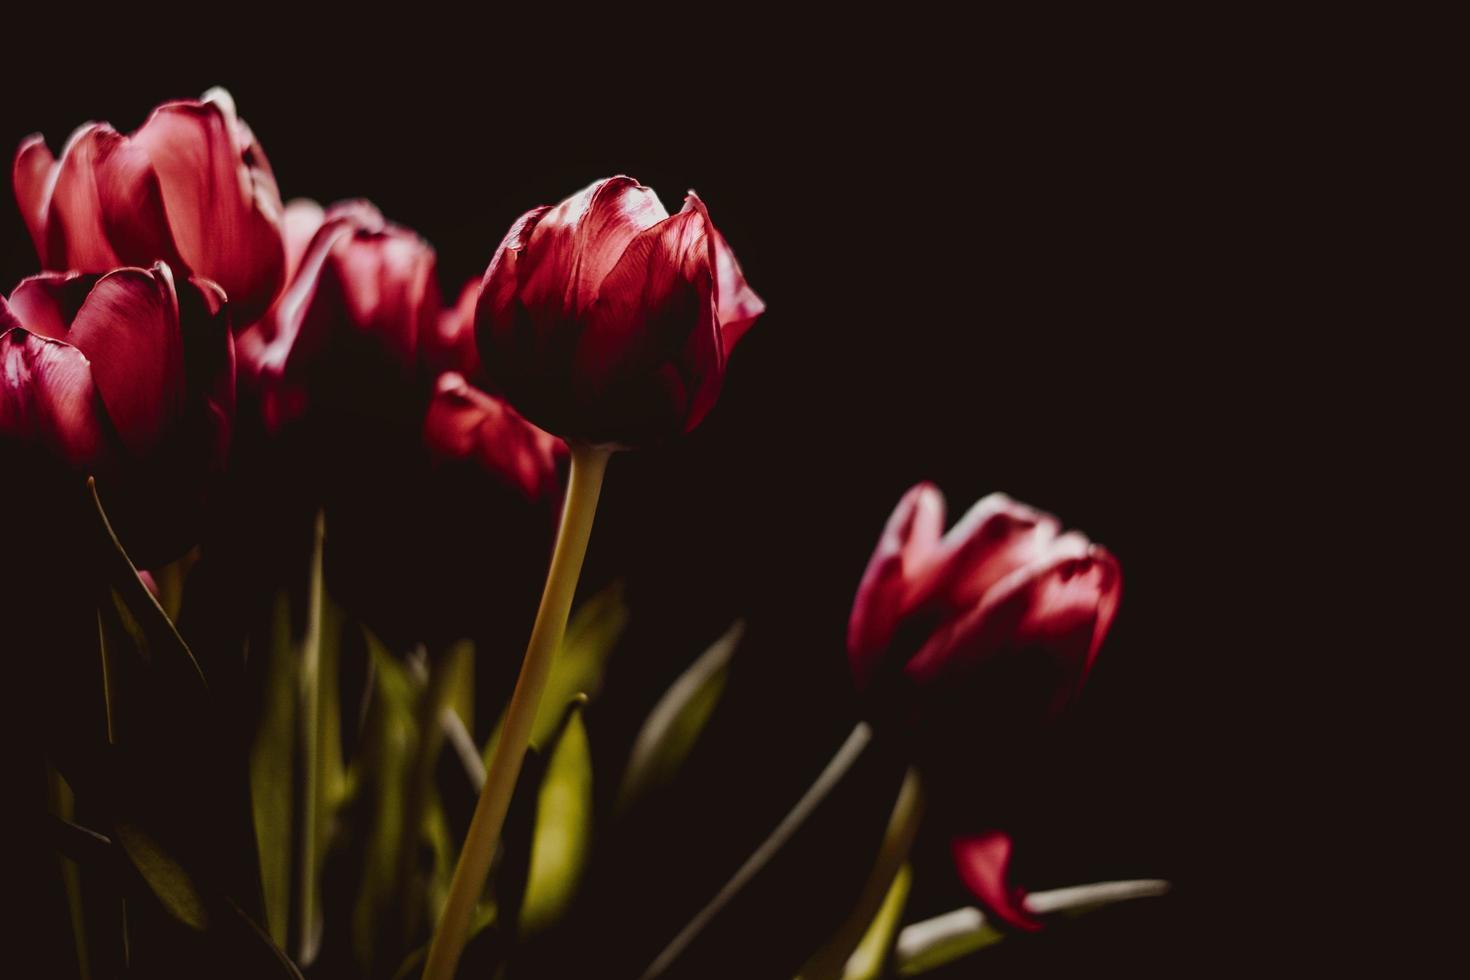 röda tulpaner på svart bakgrund foto